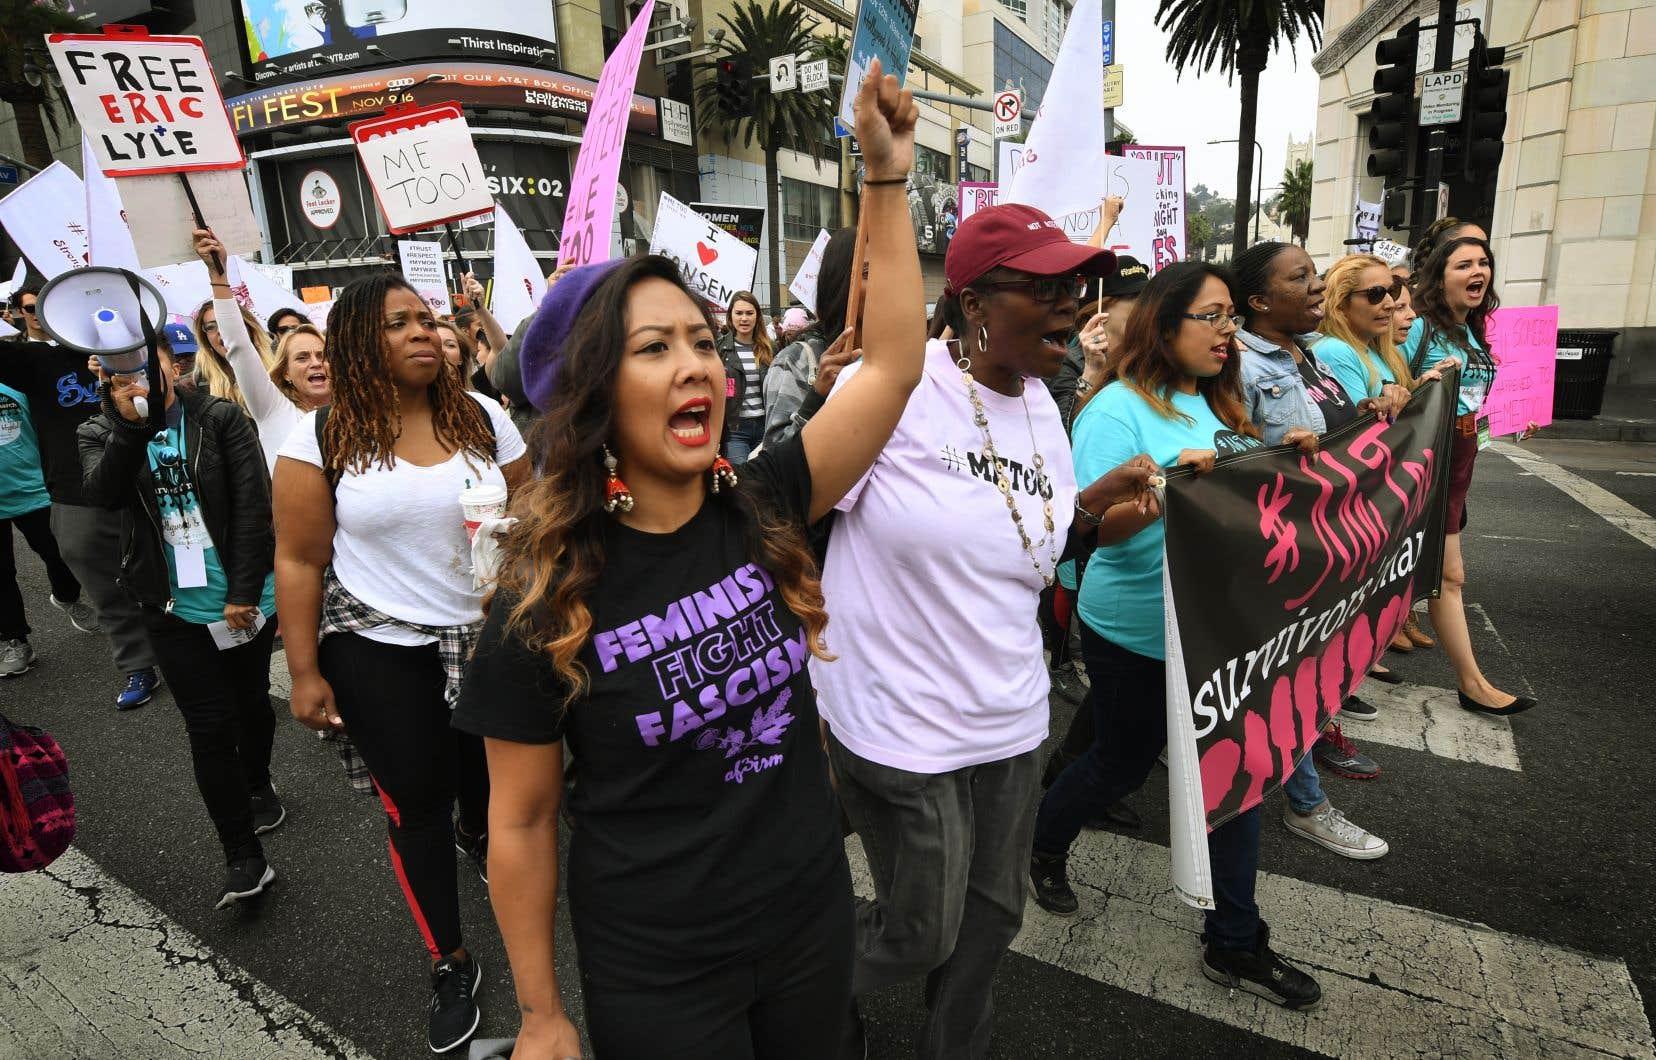 Le rapport évoque aussi la «marche des femmes» aux États-Unis qui «s'est transformée en un phénomène mondial» pour les droits des femmes.